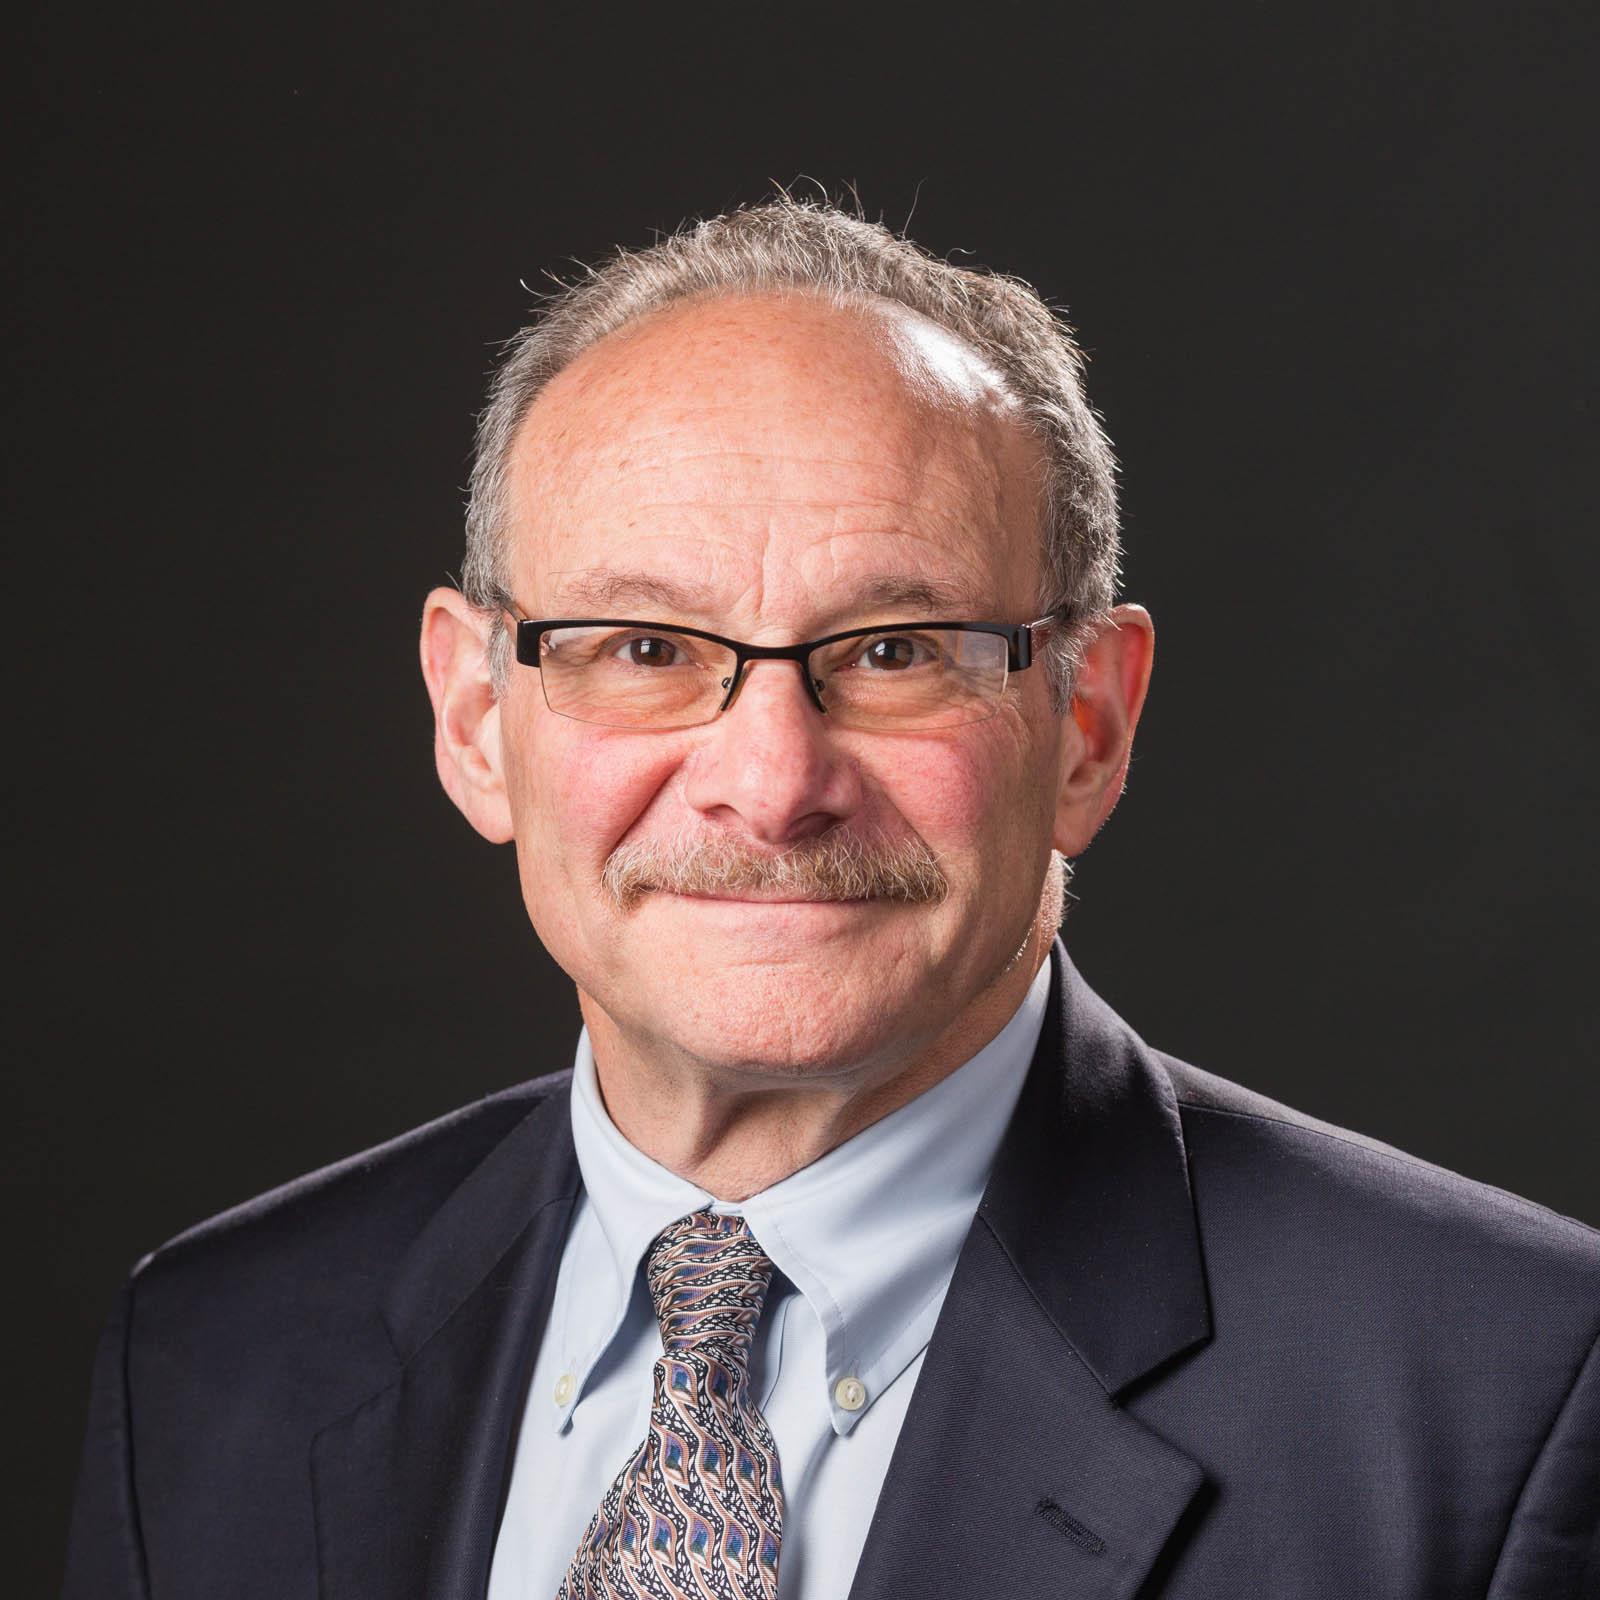 Robert Heimer